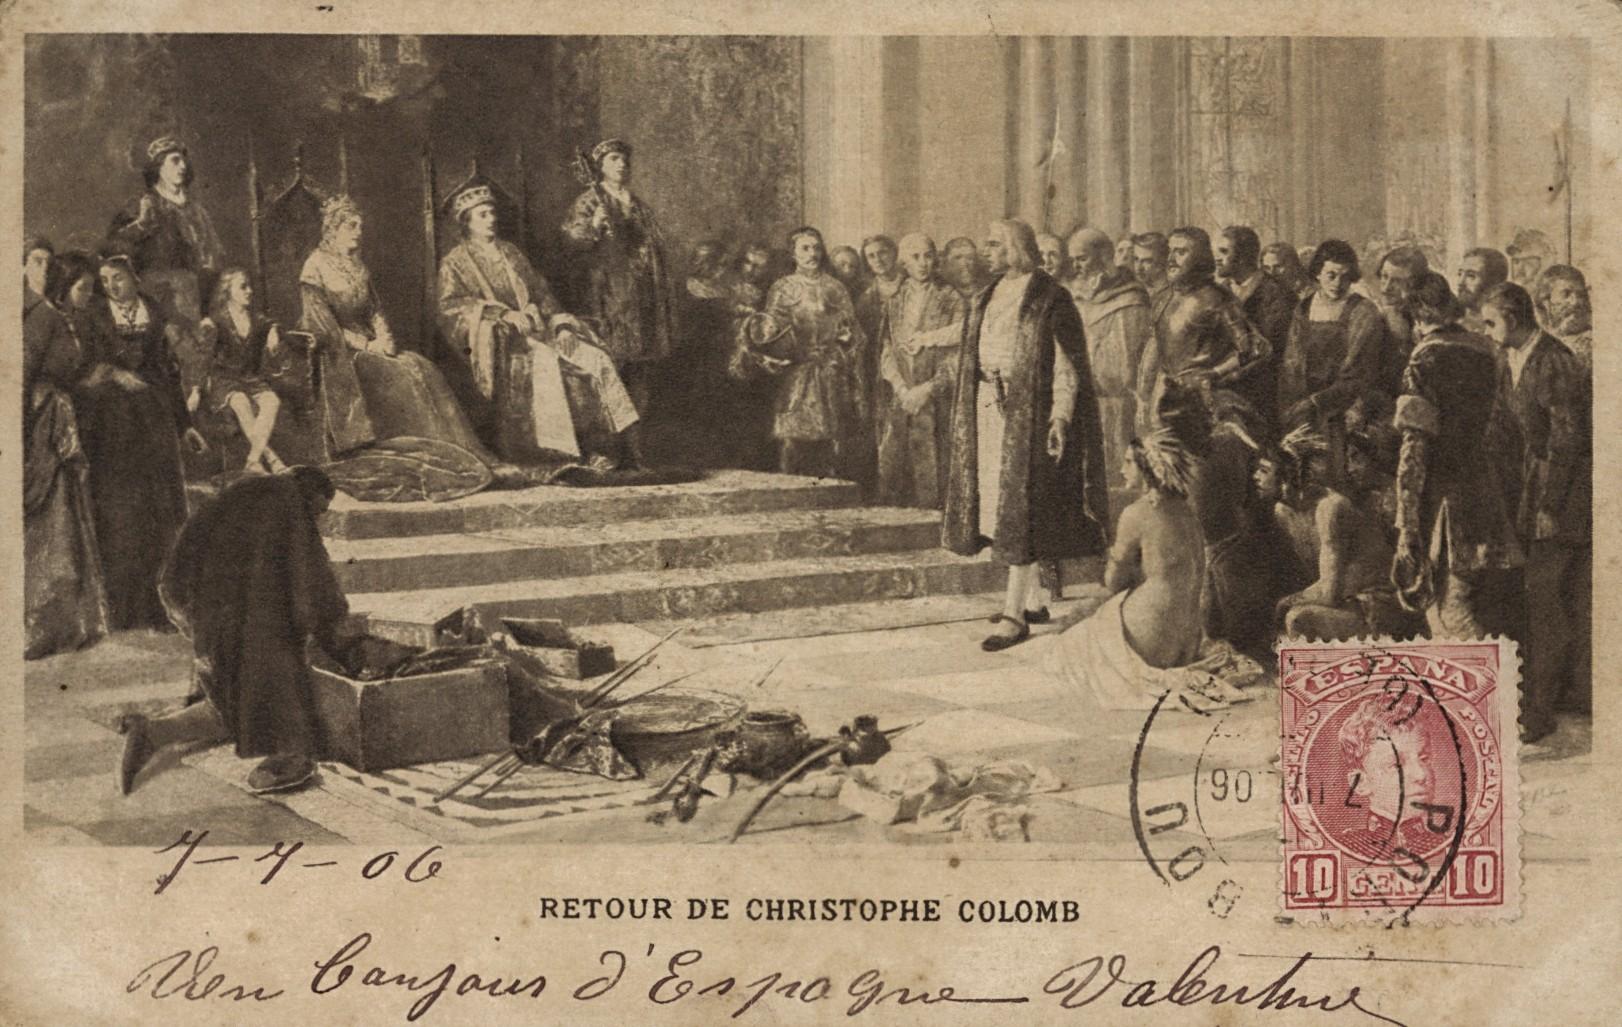 Retour de Christophe Colomb